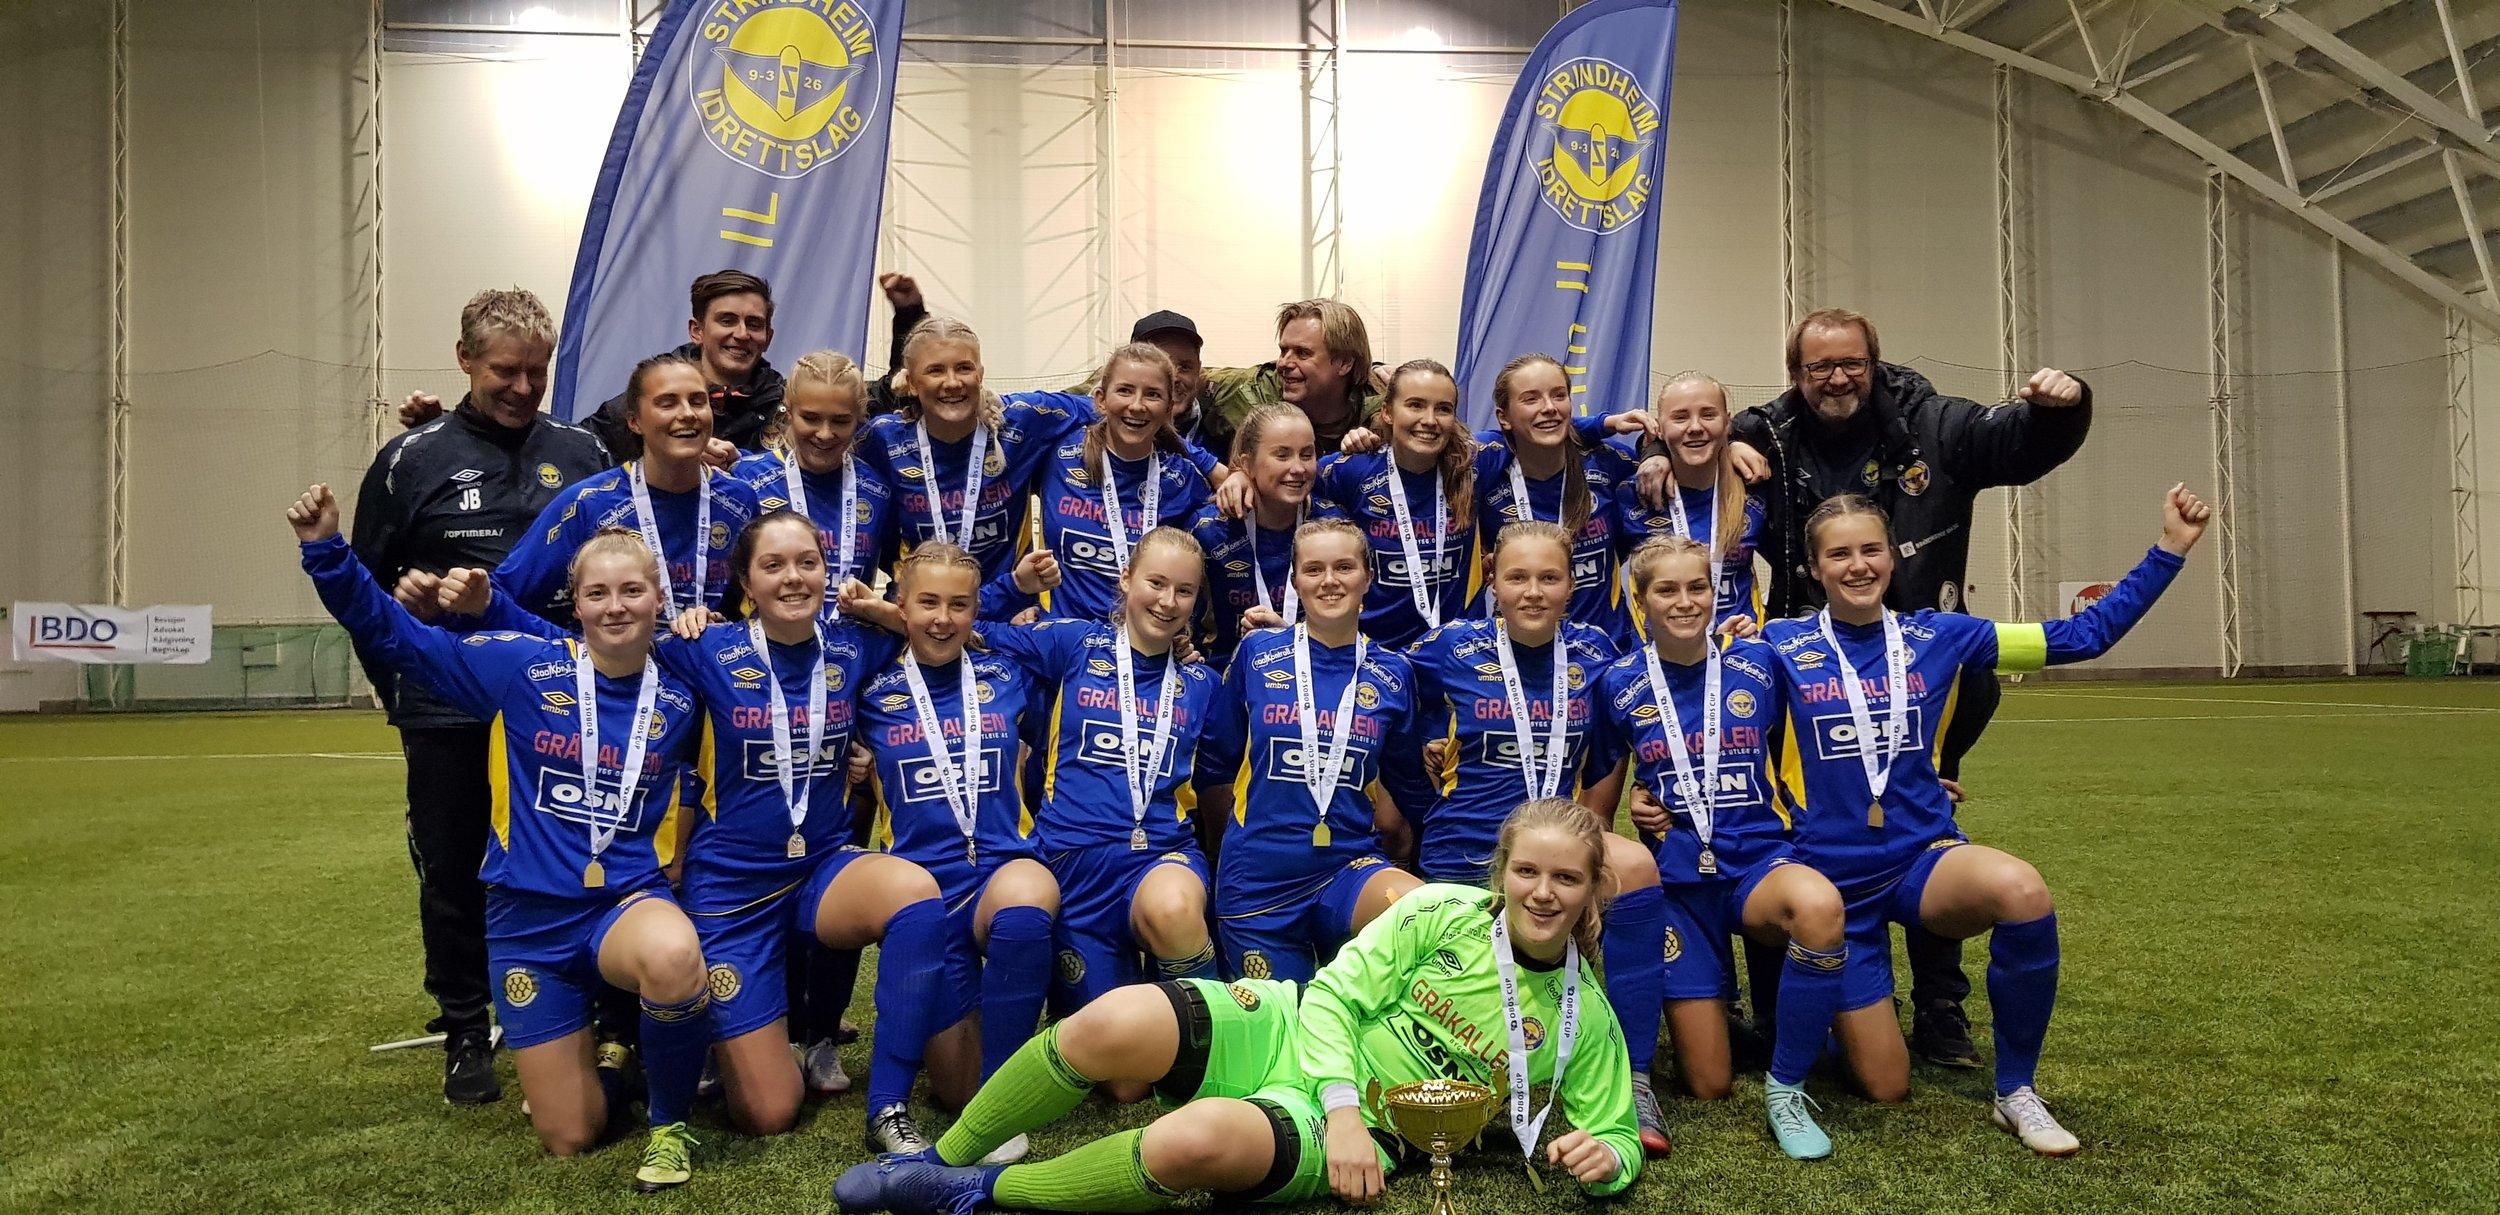 Strindheim Kvinner Fotball - vant senest 28.10.18 OBOS cupen. I fjor vant de også den gjeve Norway Cupen :-)